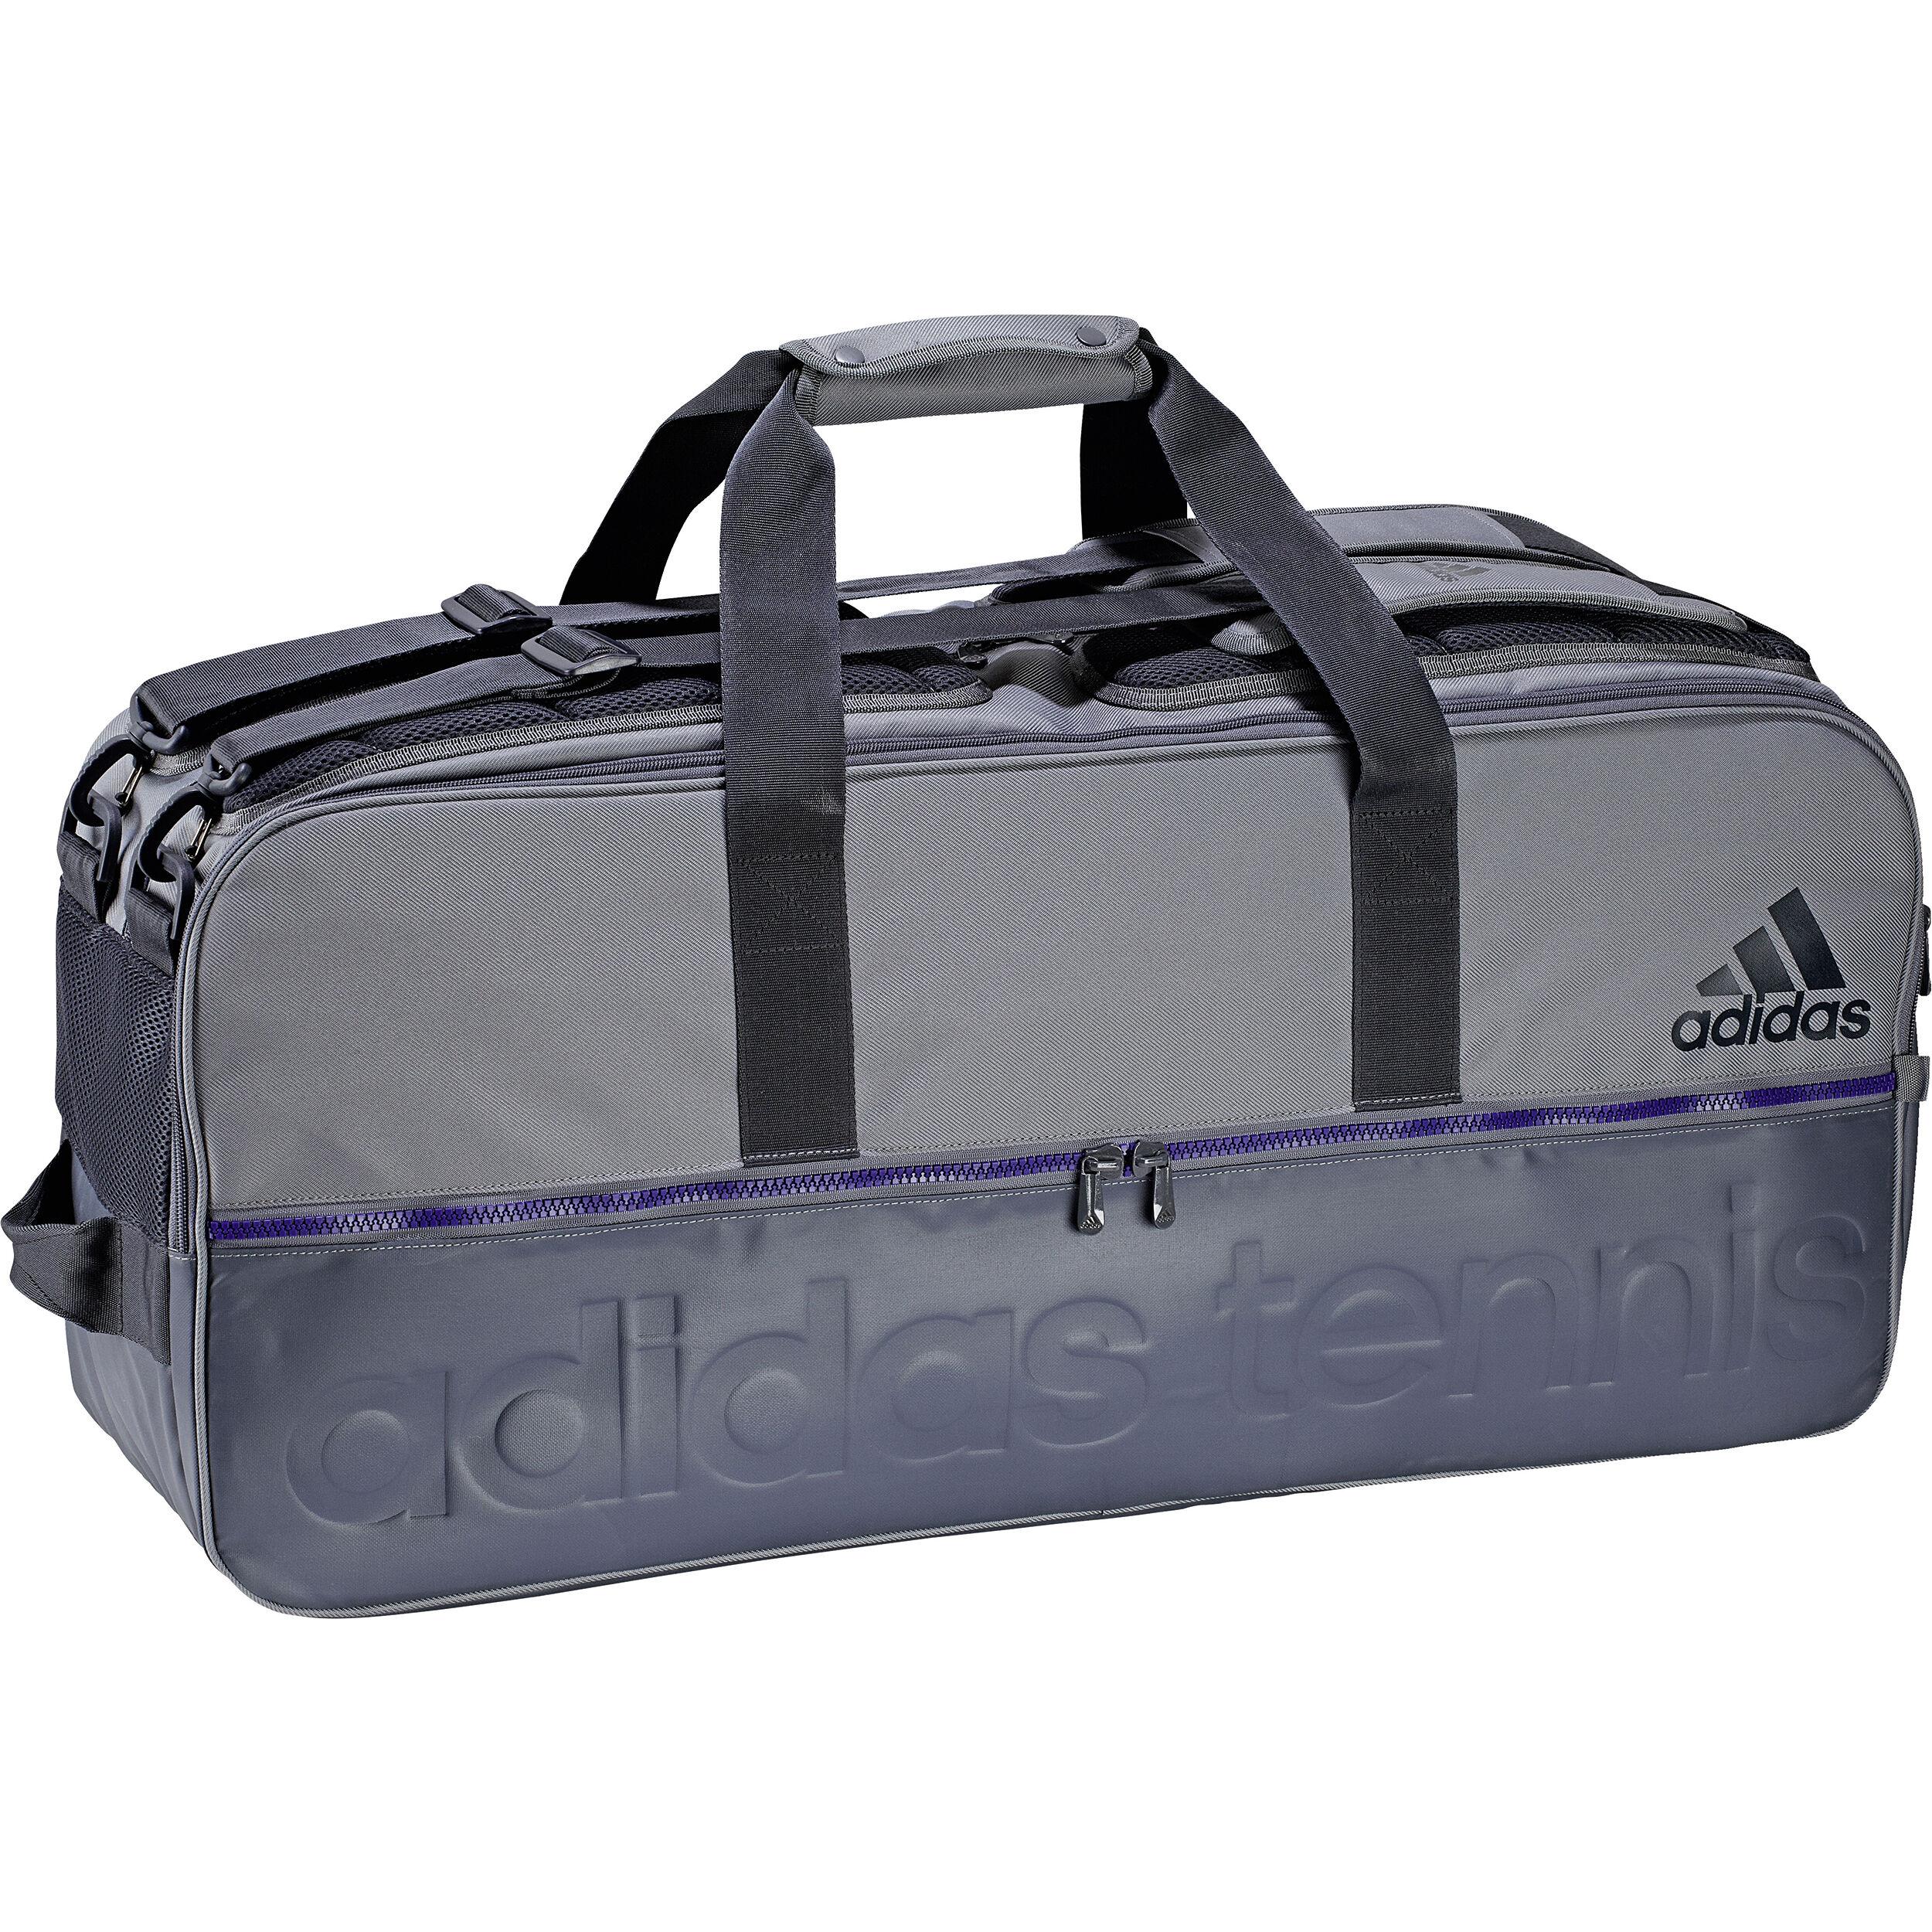 adidas Tennis Bag Racket Bag Grey